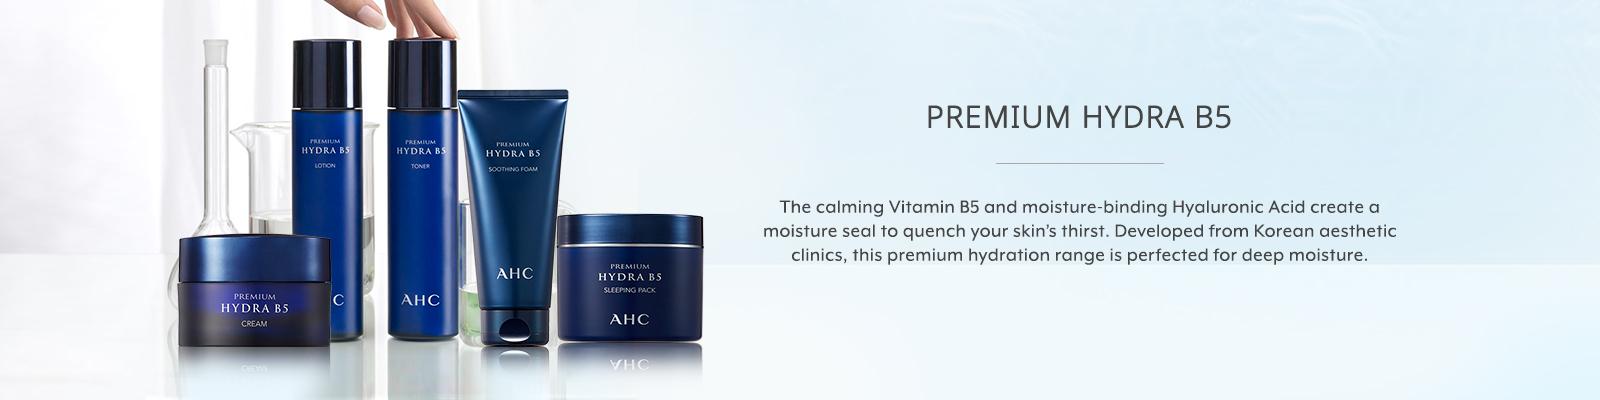 AHC Premium Hydra B5 Banner